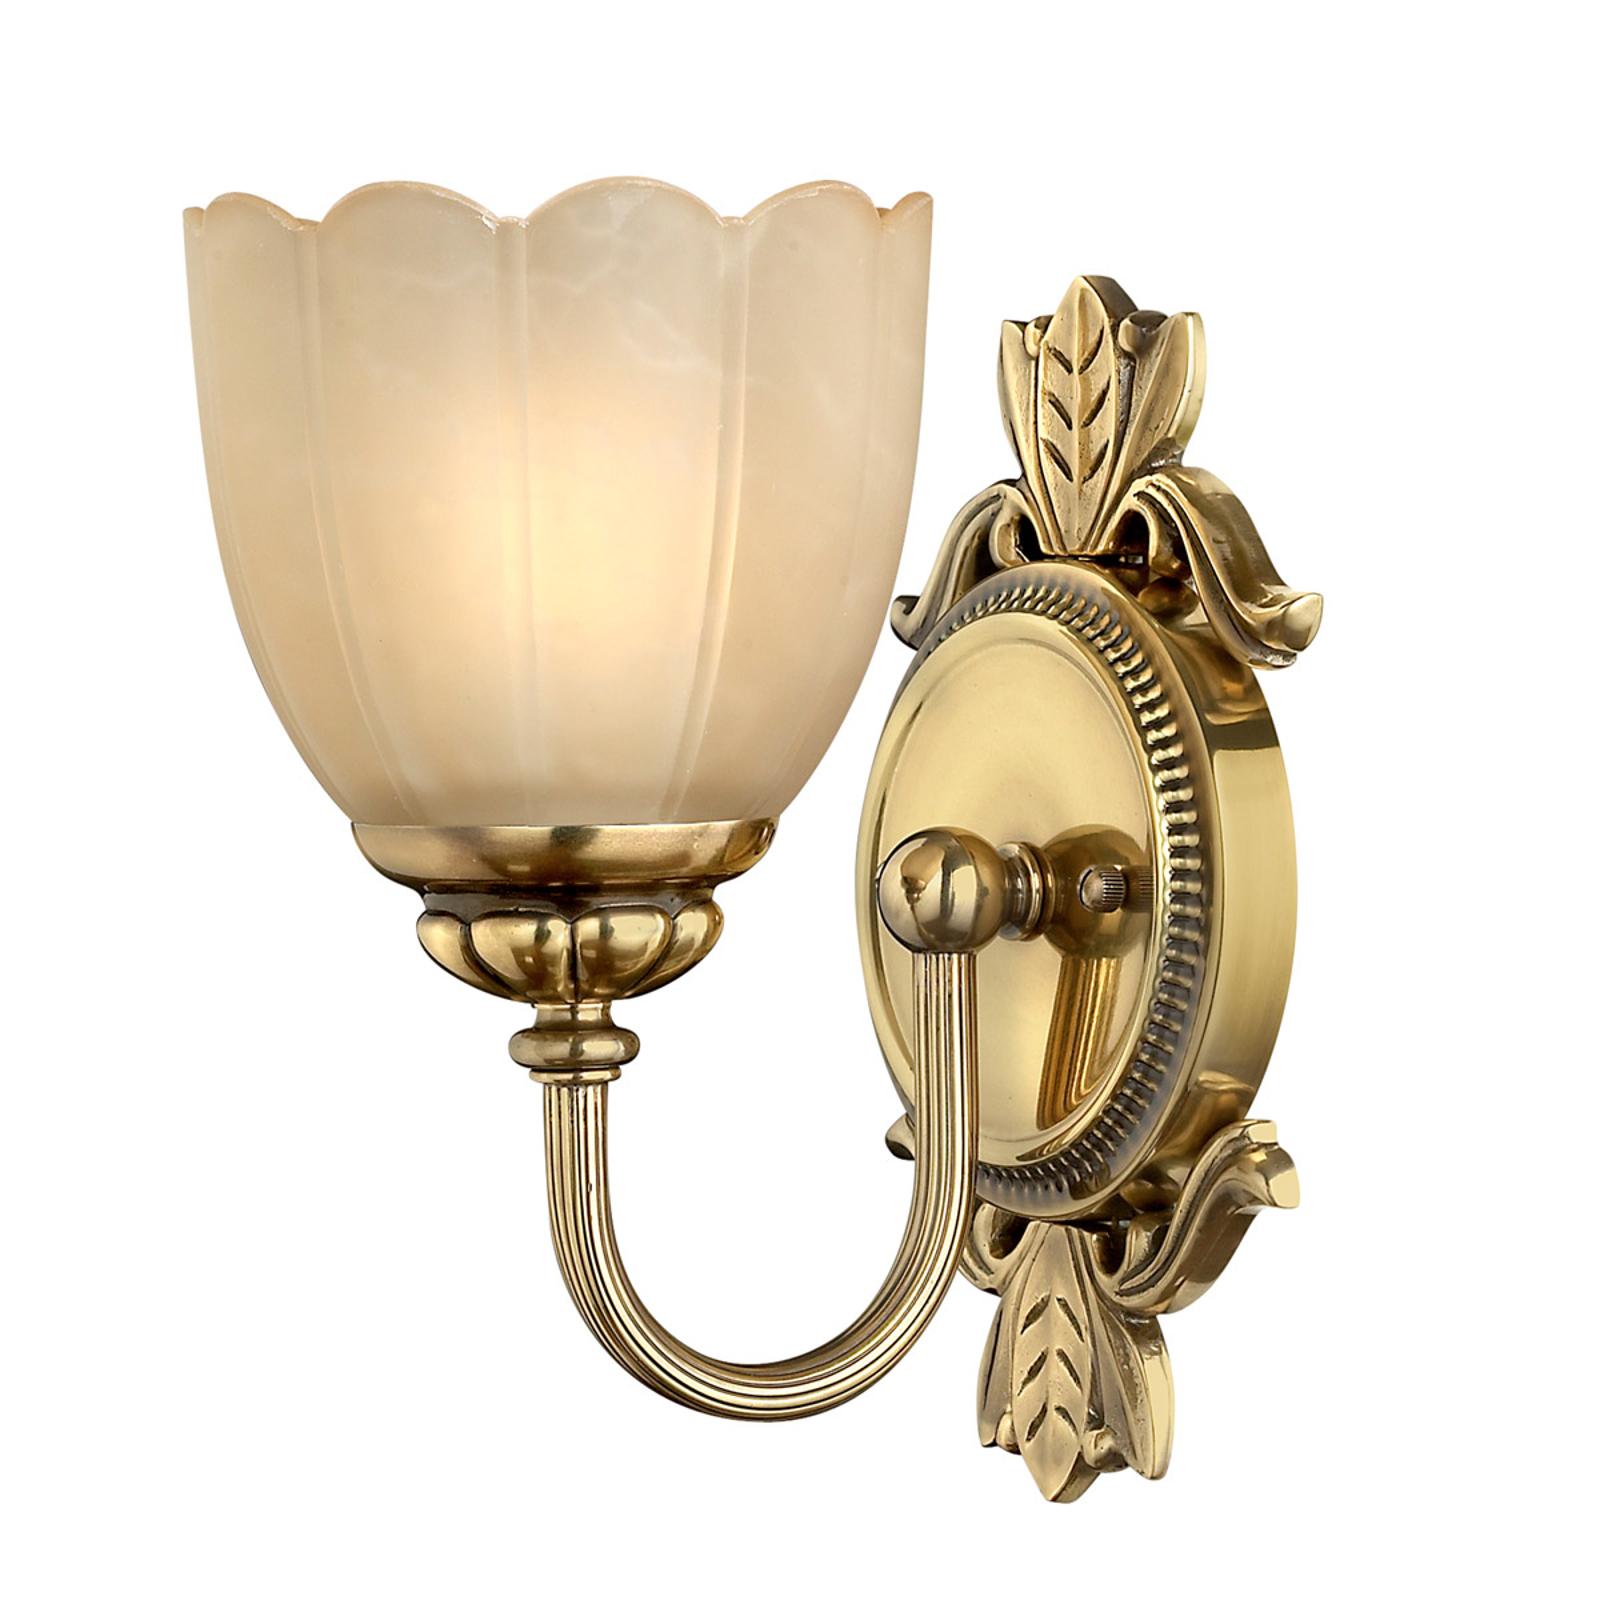 Isabella væglampe til badeværelset, håndlavet